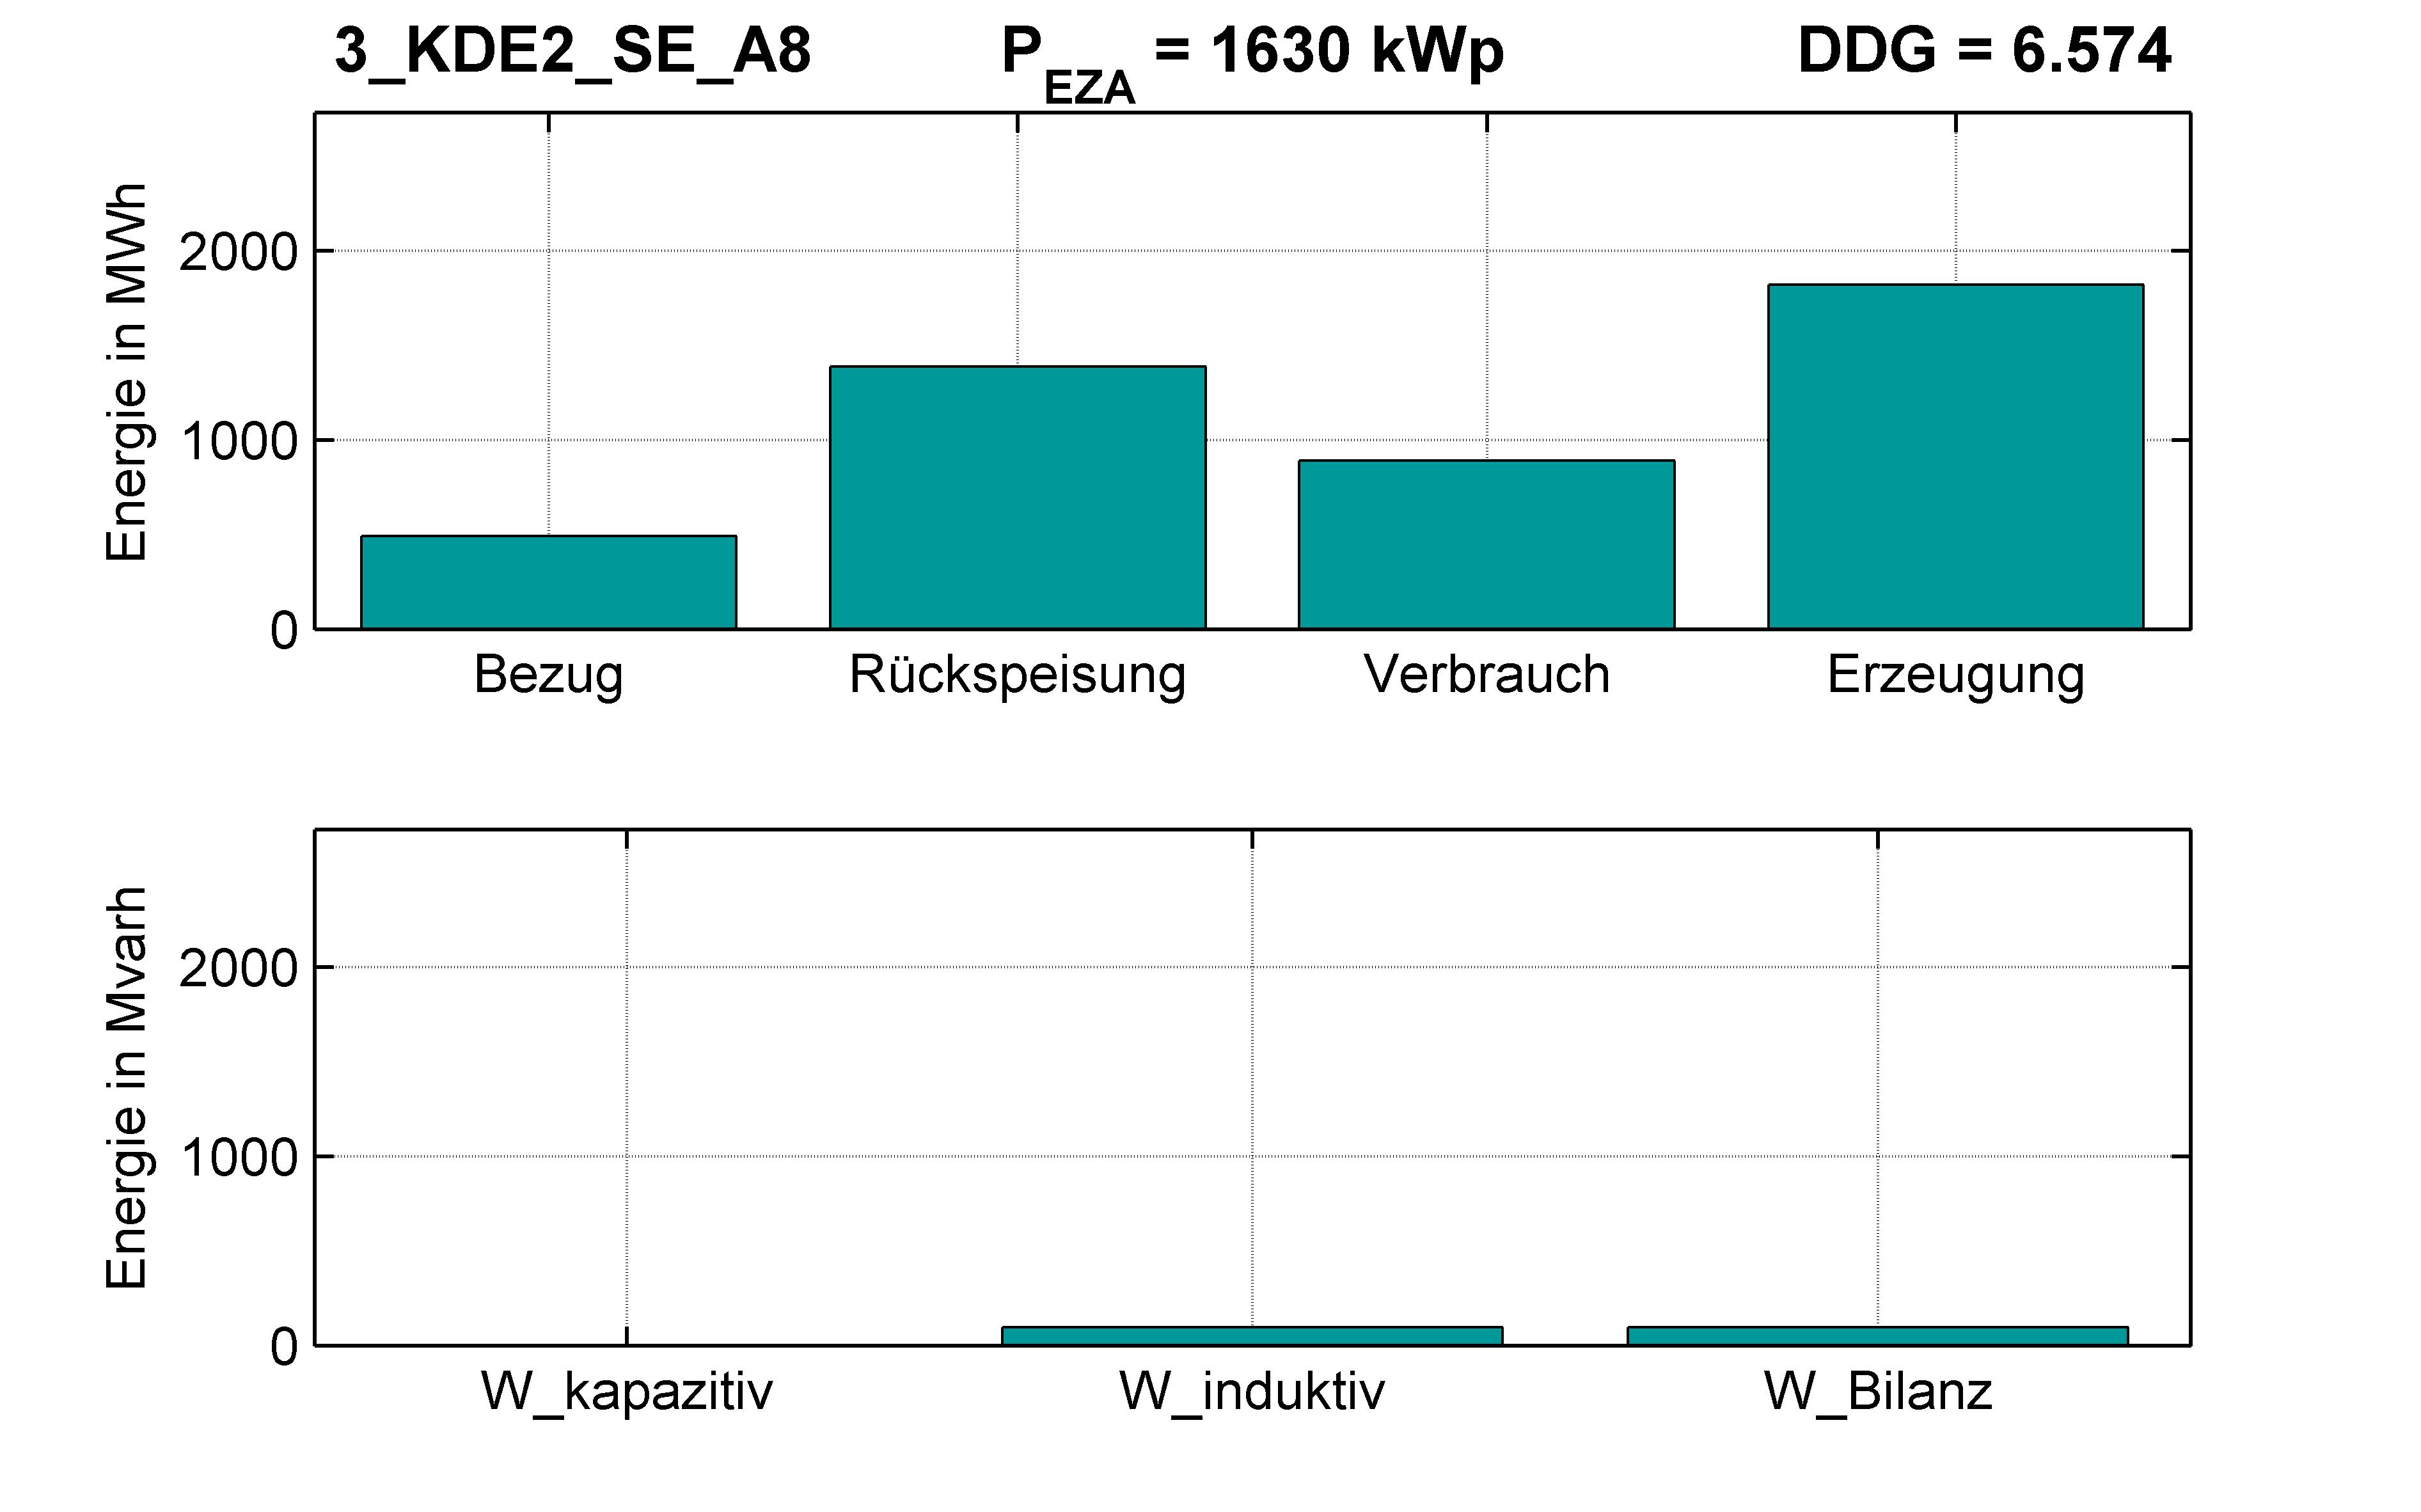 KDE2 | P-Kappung 70% (SE) A8 | PQ-Bilanz